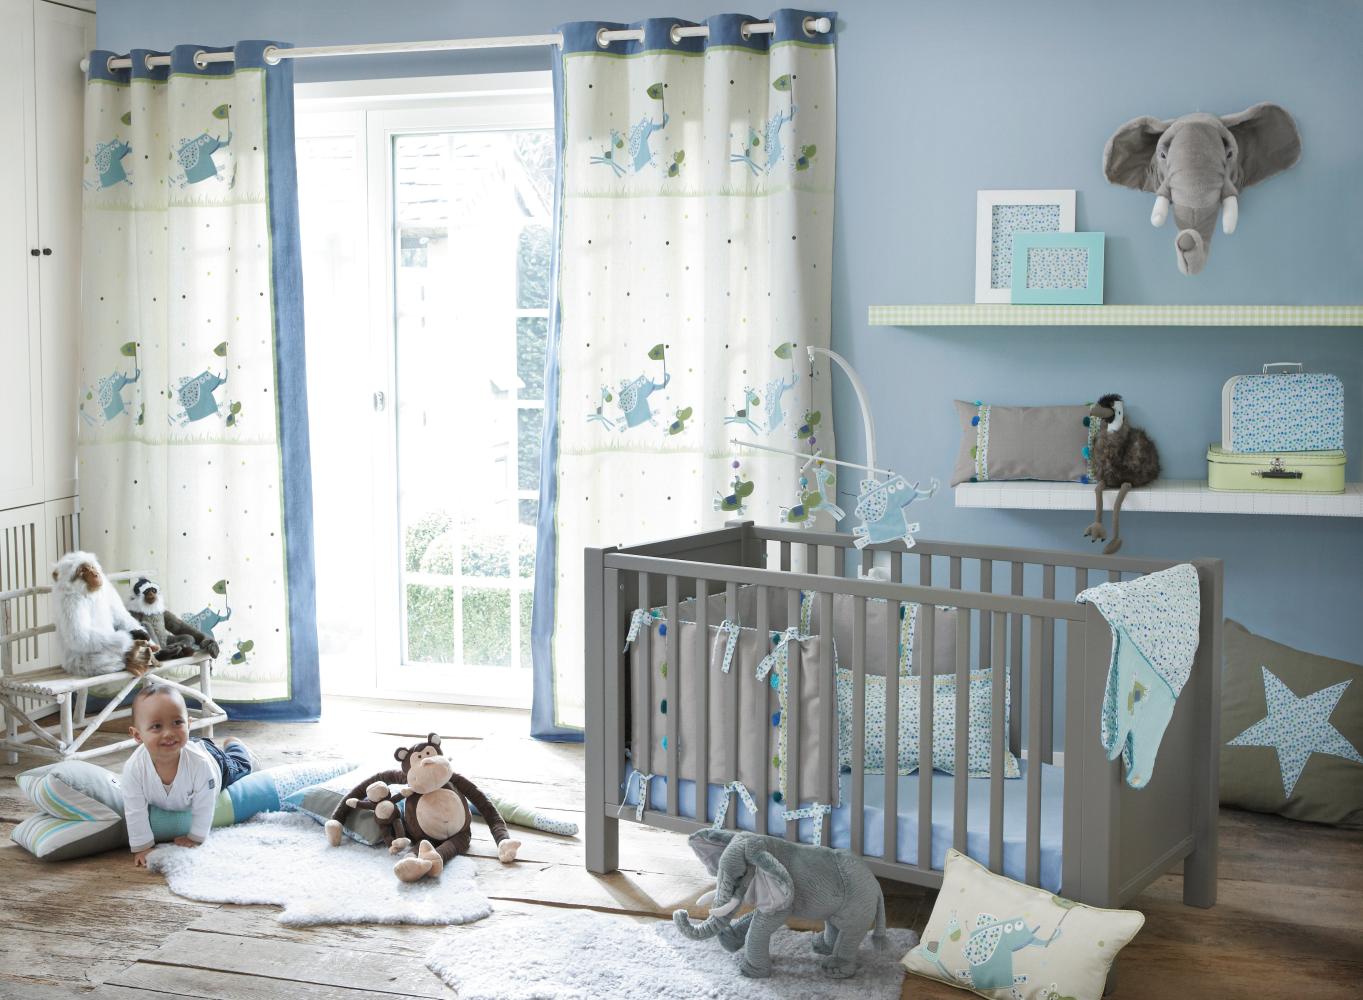 Full Size of Babyzimmer Wandgestaltung Bilder Ideen Couch Sofa Kinderzimmer Regal Regale Weiß Wohnzimmer Wandgestaltung Kinderzimmer Jungen